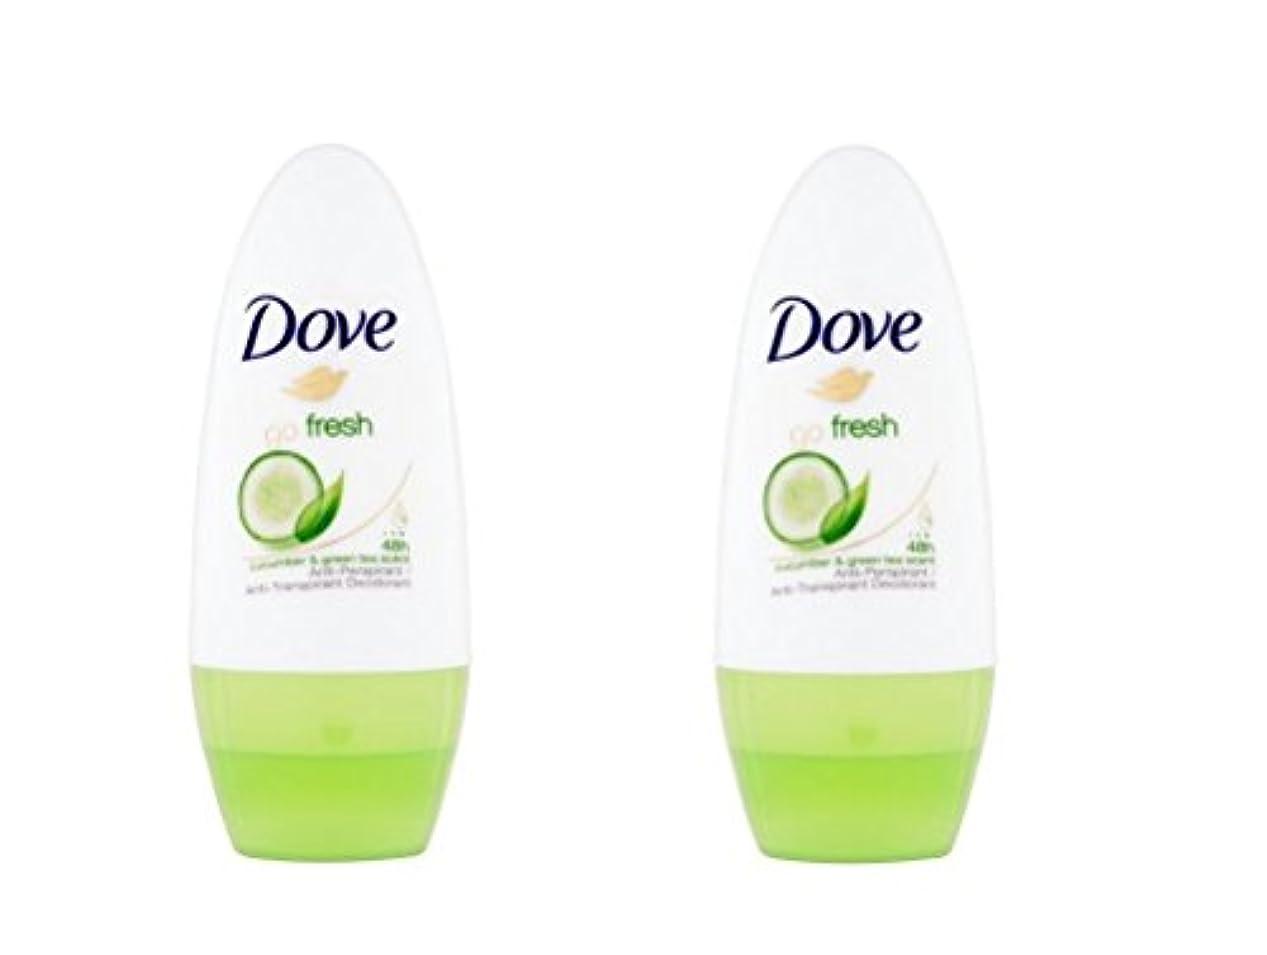 前投薬武装解除雪だるまDove Go Fresh Cucumber & Green Tea Scent Anti-perspirant Deodorant Roll-on 50ml (1.7 Fluid Ounce). (Pack of 2)...